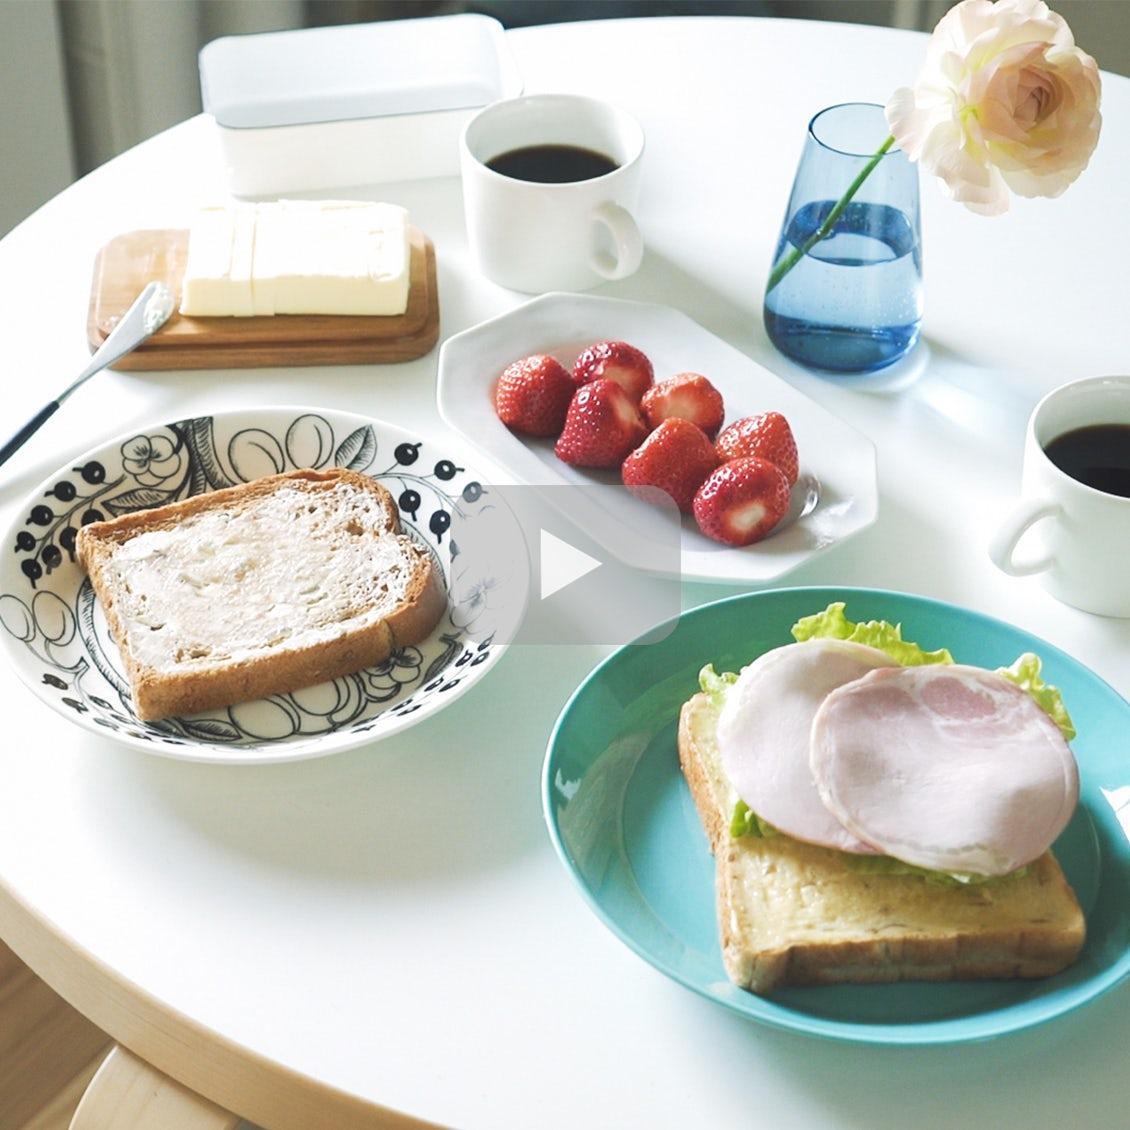 【朝食をごきげんに】パンがおいしくなる!明日からできる小さなアイデア